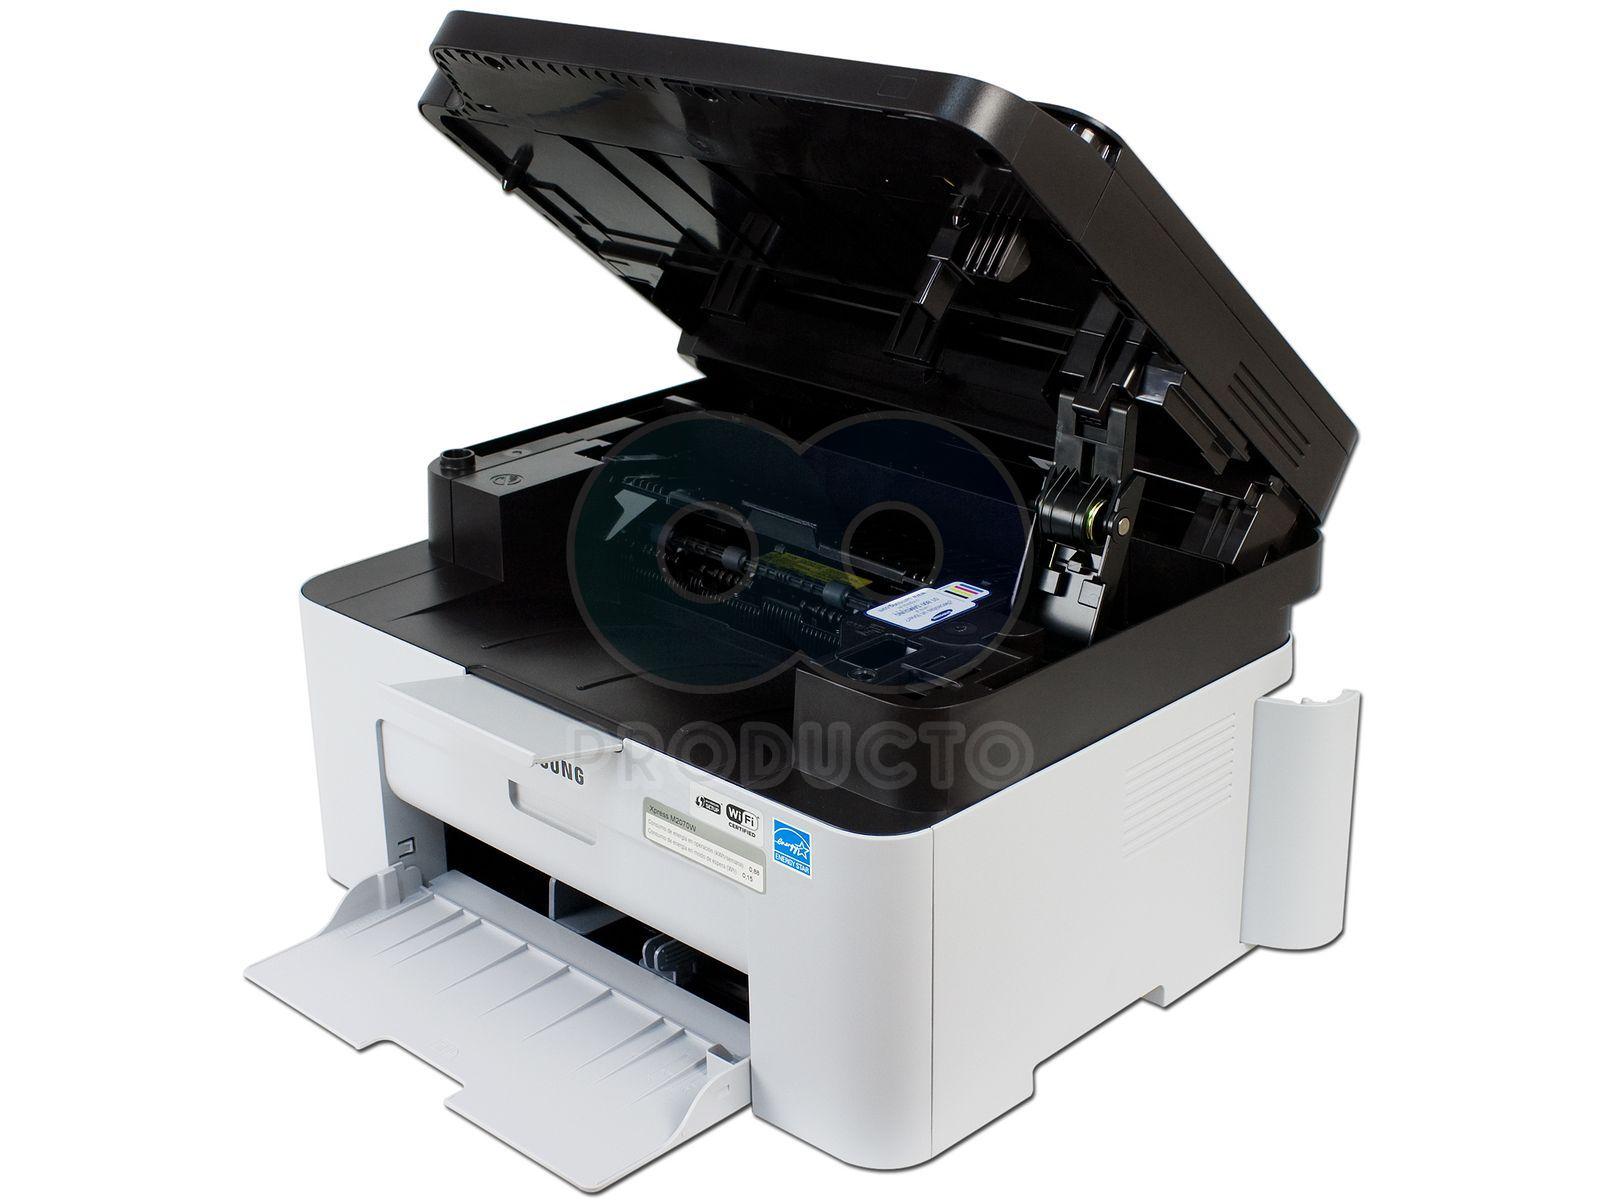 Multifuncional Samsung Xpress M2070w Impresora L 225 Ser